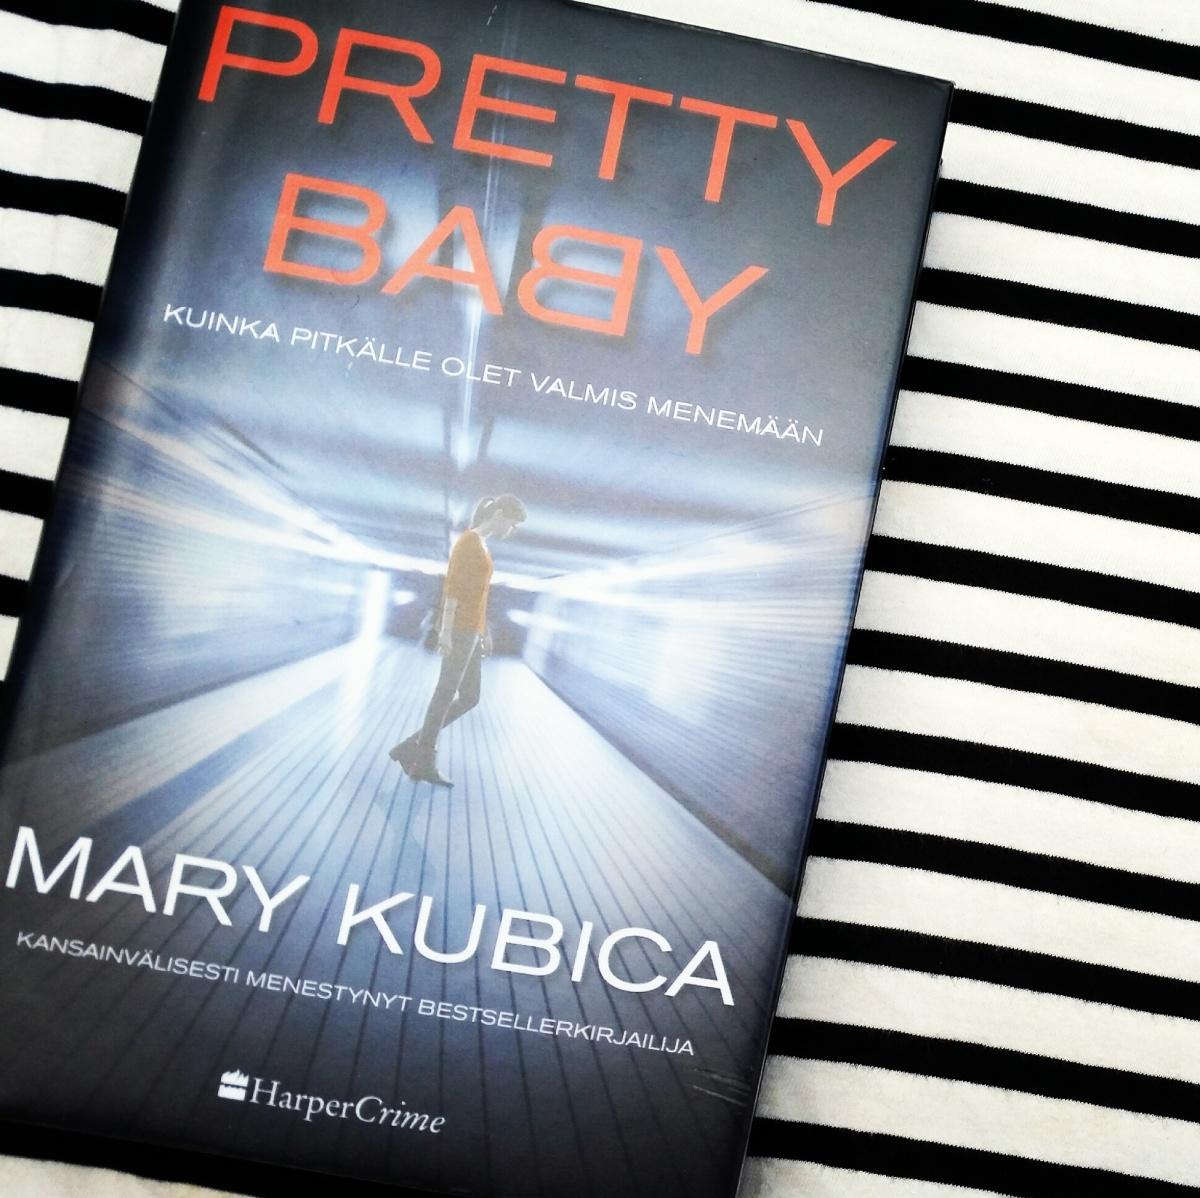 Mary Kubica: Pretty Baby - Kuinka pitkälle olet valmis menemään